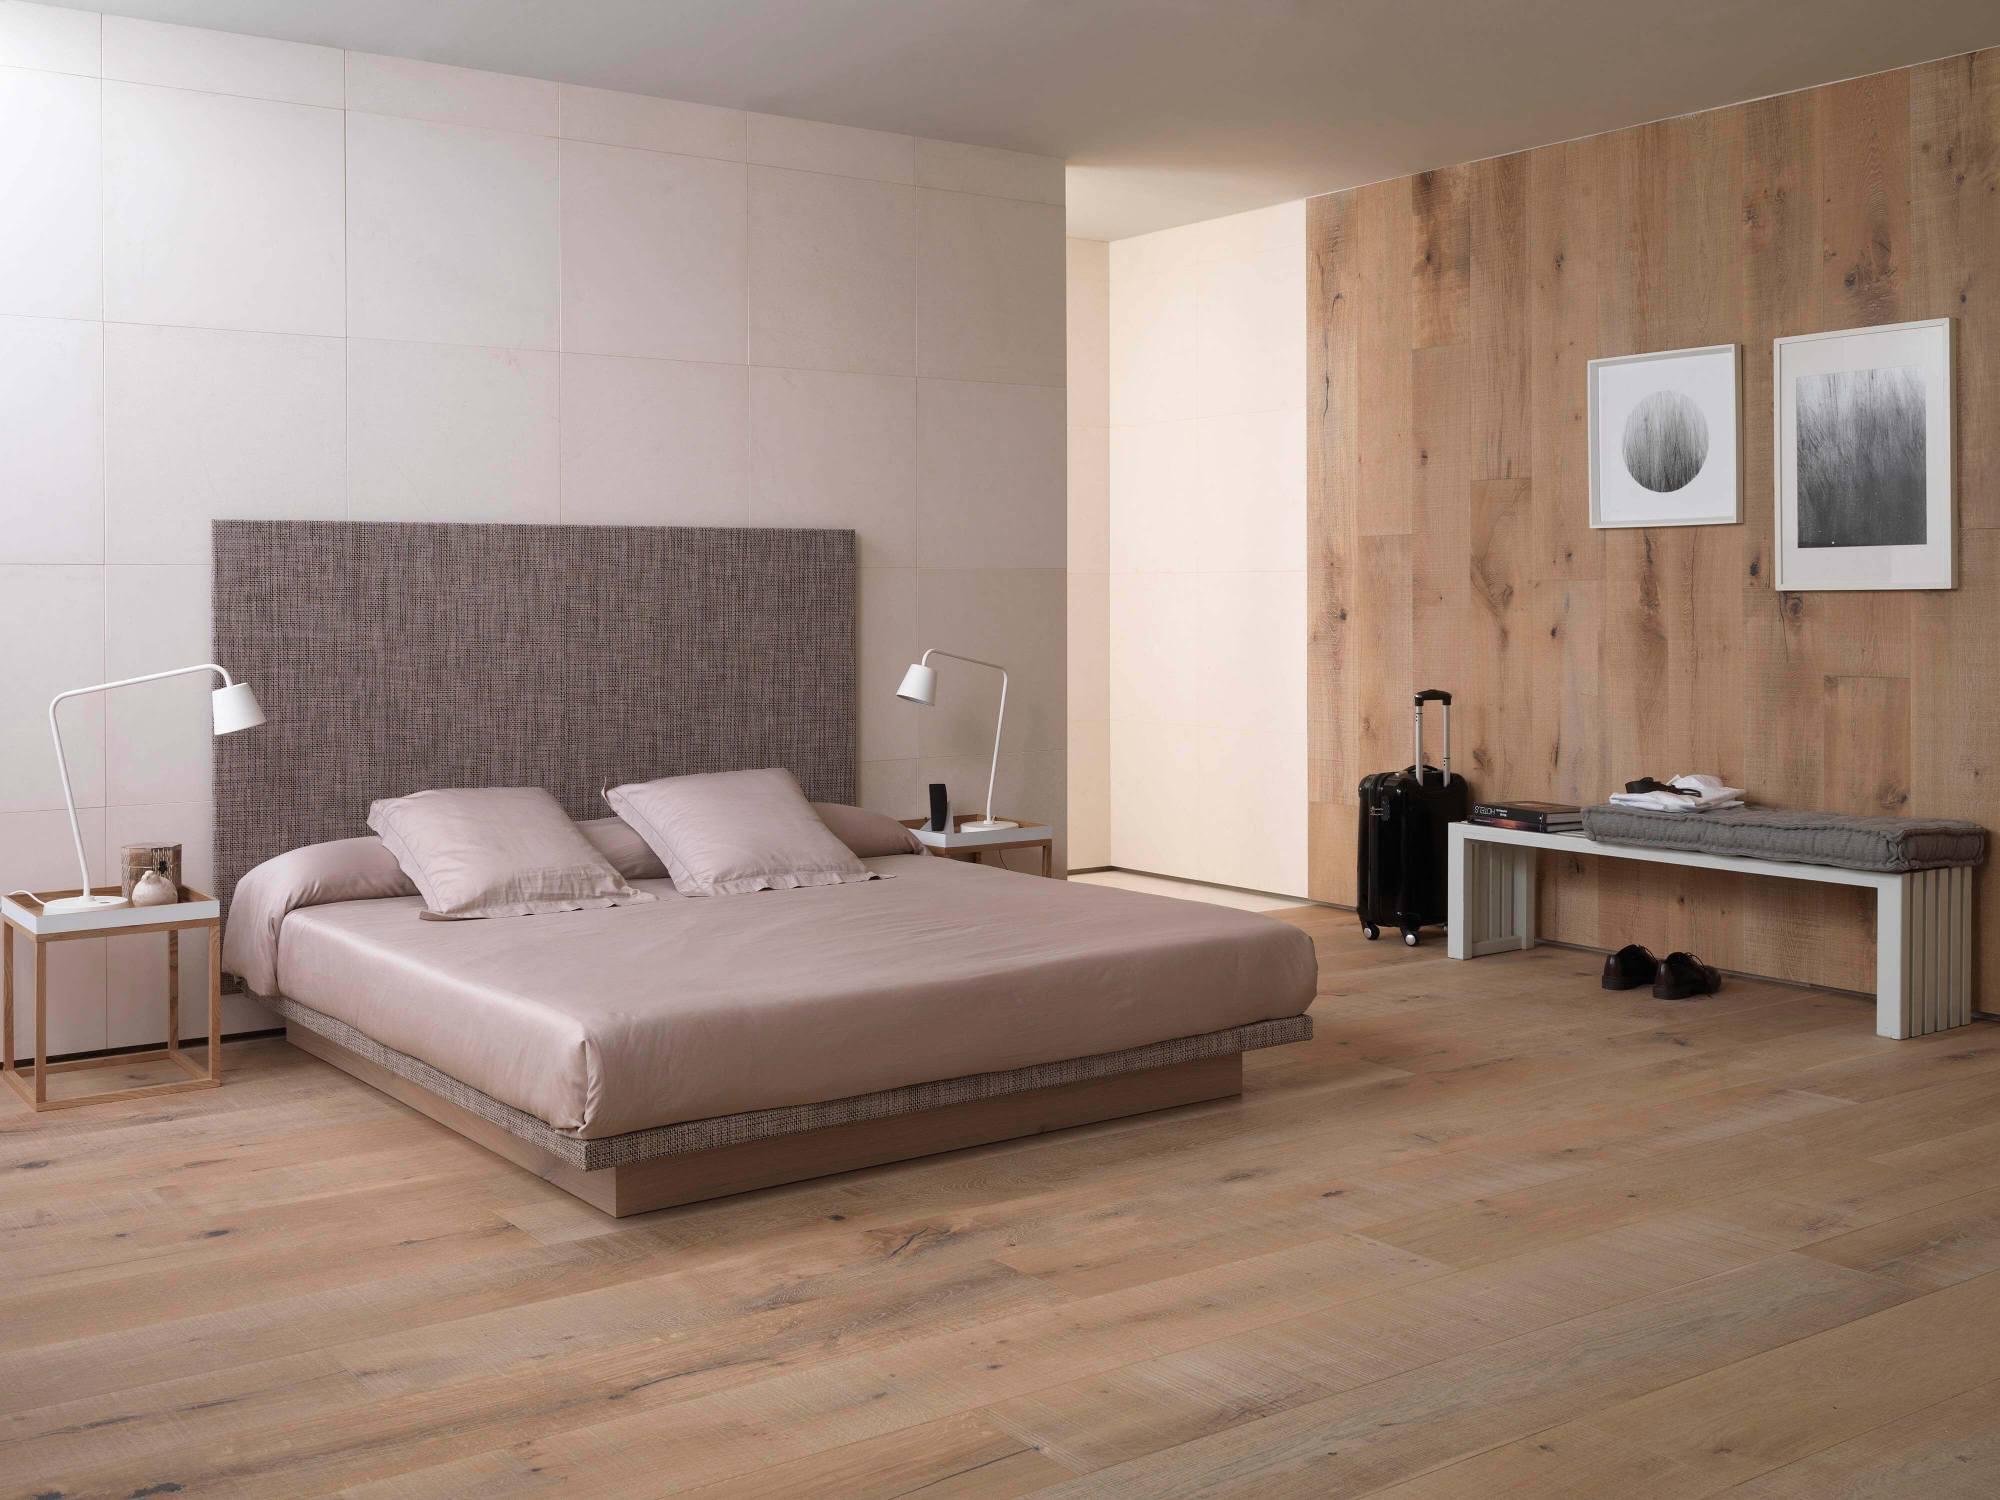 Linkfloor como cabecera de cama